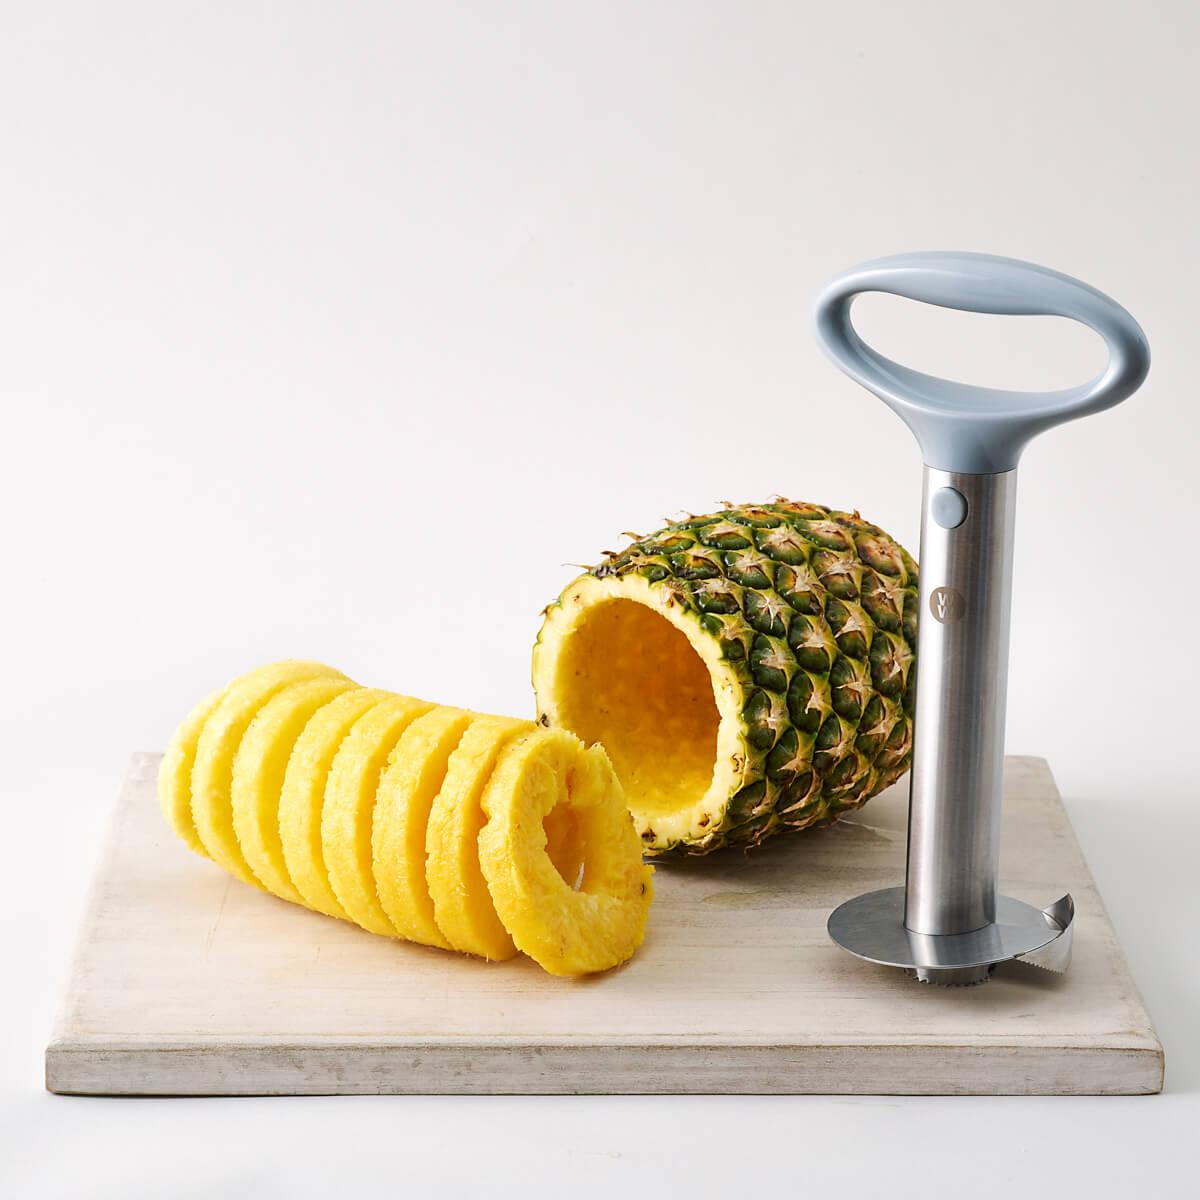 Stainless Steel Pineapple Corer & Slicer - Use Shot